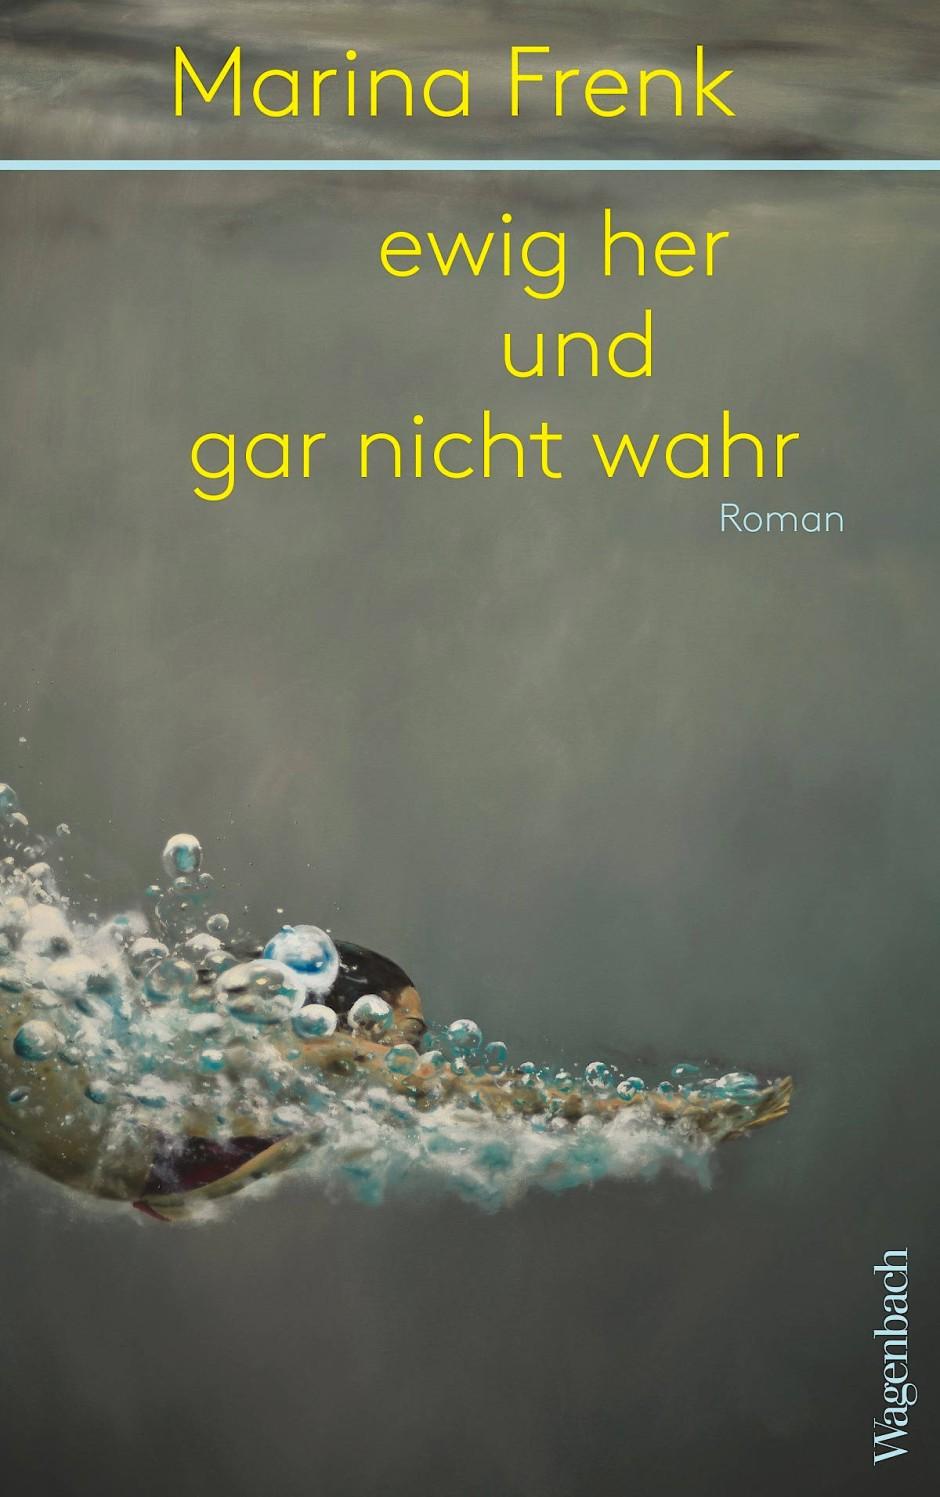 """Marina Frenk: """"Ewig her und gar nicht wahr"""". Roman. Verlag Klaus Wagenbach, Berlin 2020. 240 S., geb., 22 Euro."""